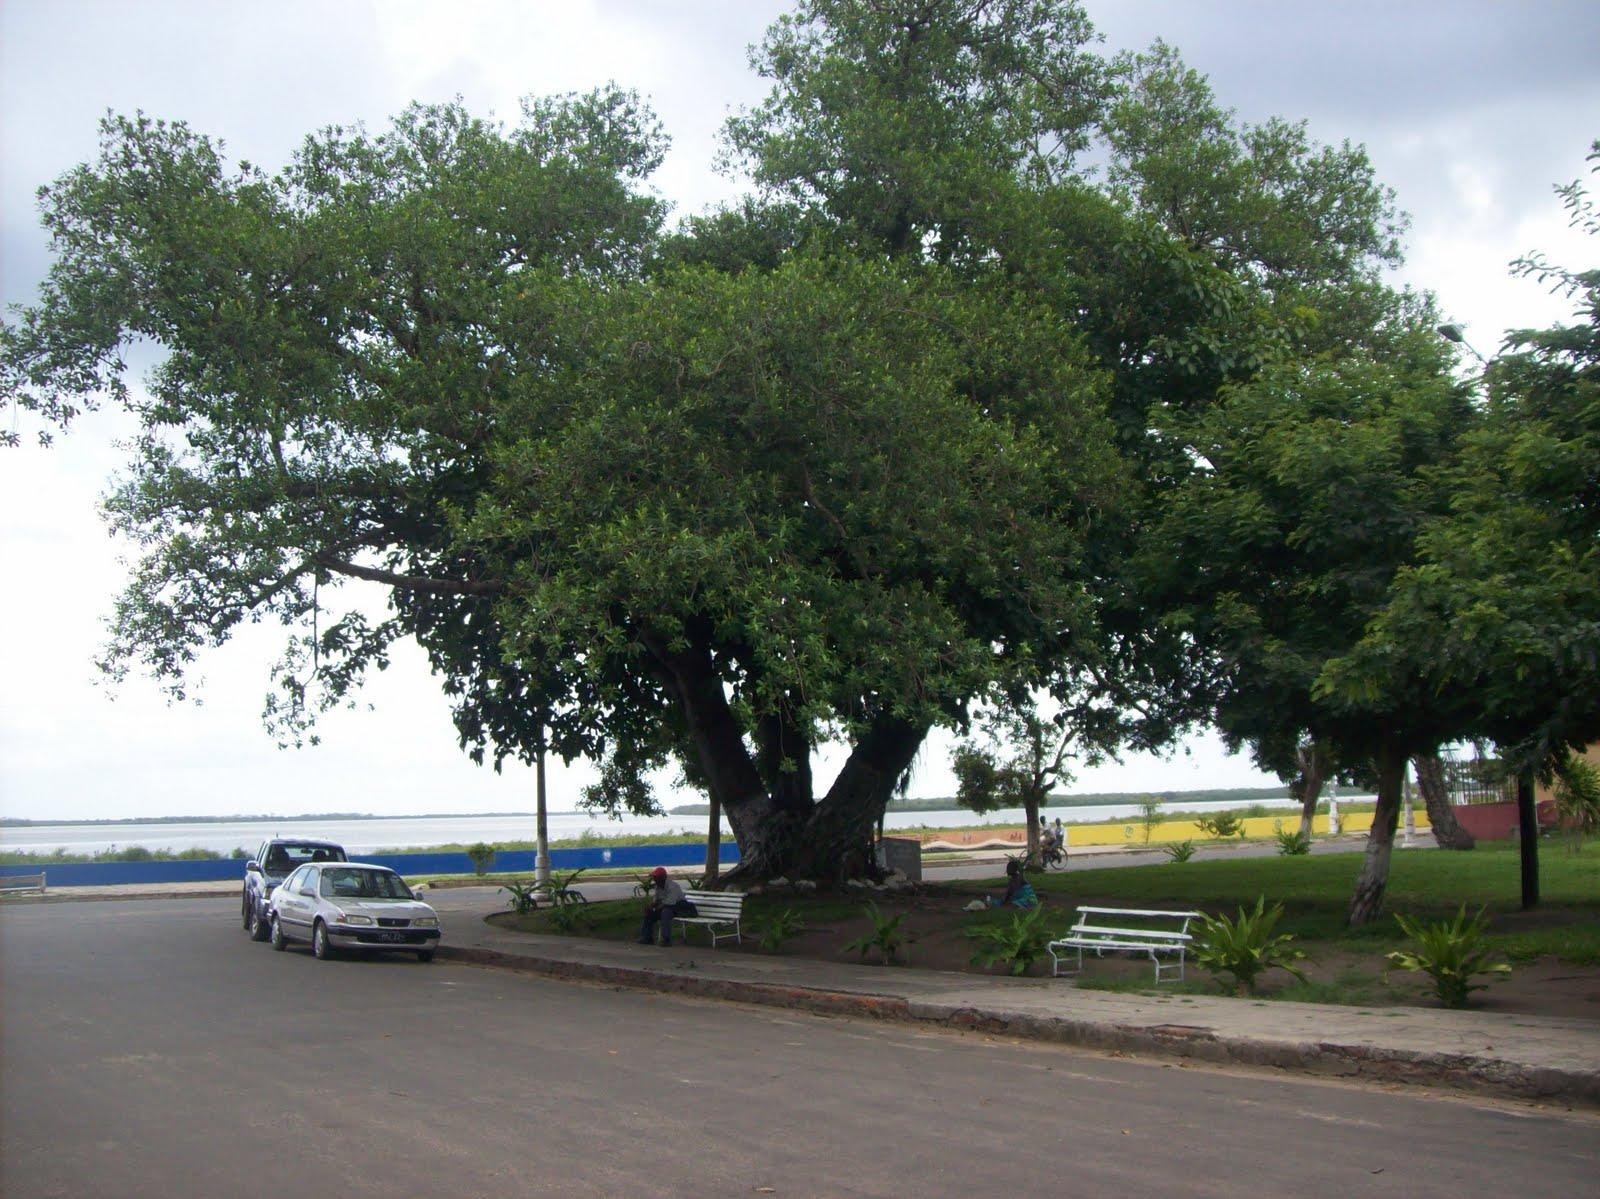 Aeroporto De Quelimane : Quelimane